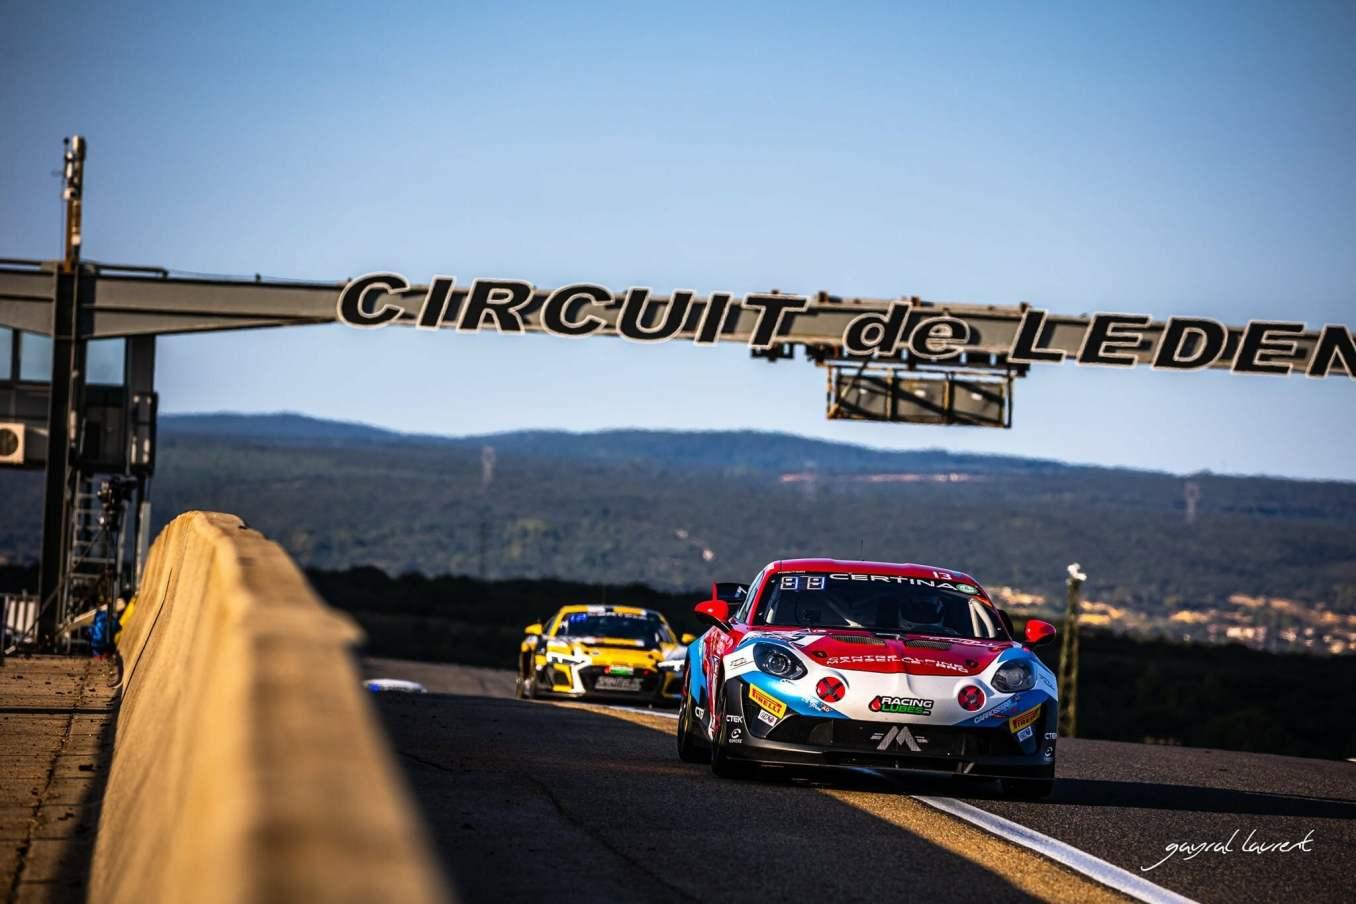 FFSA GT4 Alpine A110 Prost Redele Servol Ledenon 2021 6 | FFSA GT : Les duos Rédélé - Coubard et Ferté - Demoustier en P2 dans leurs catégories respectives à Lédenon